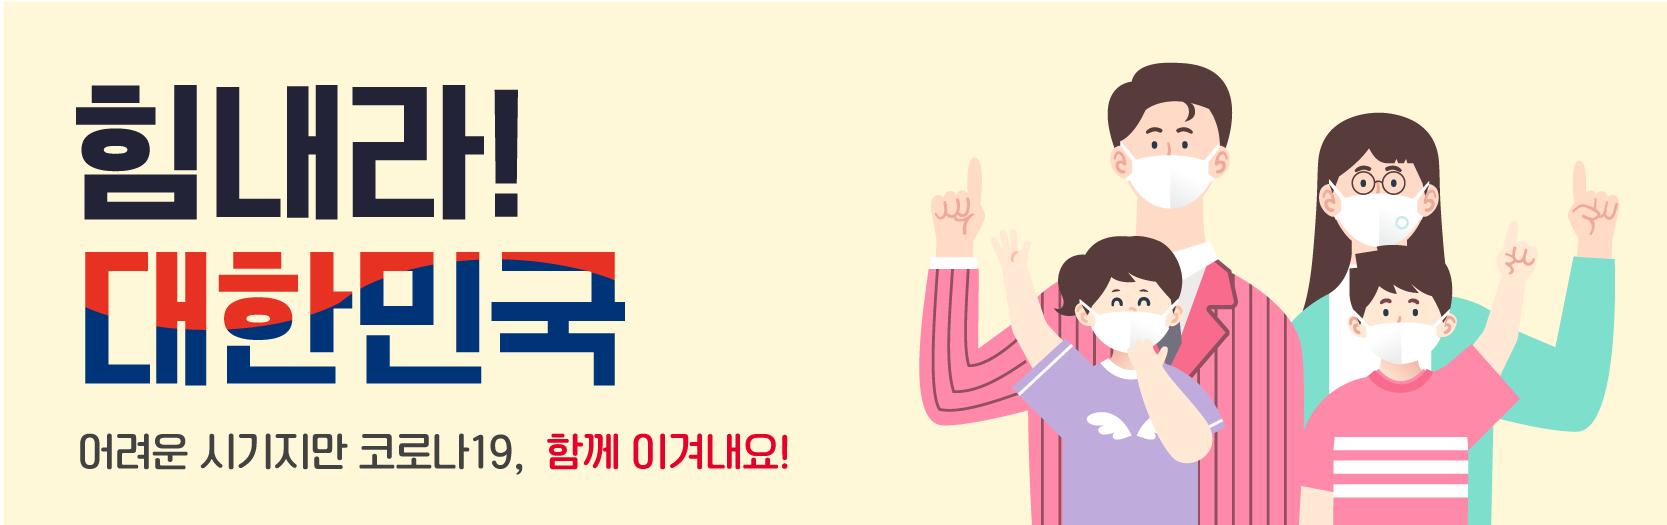 이기자 코로나!힘내라 대한민국! 이벤트